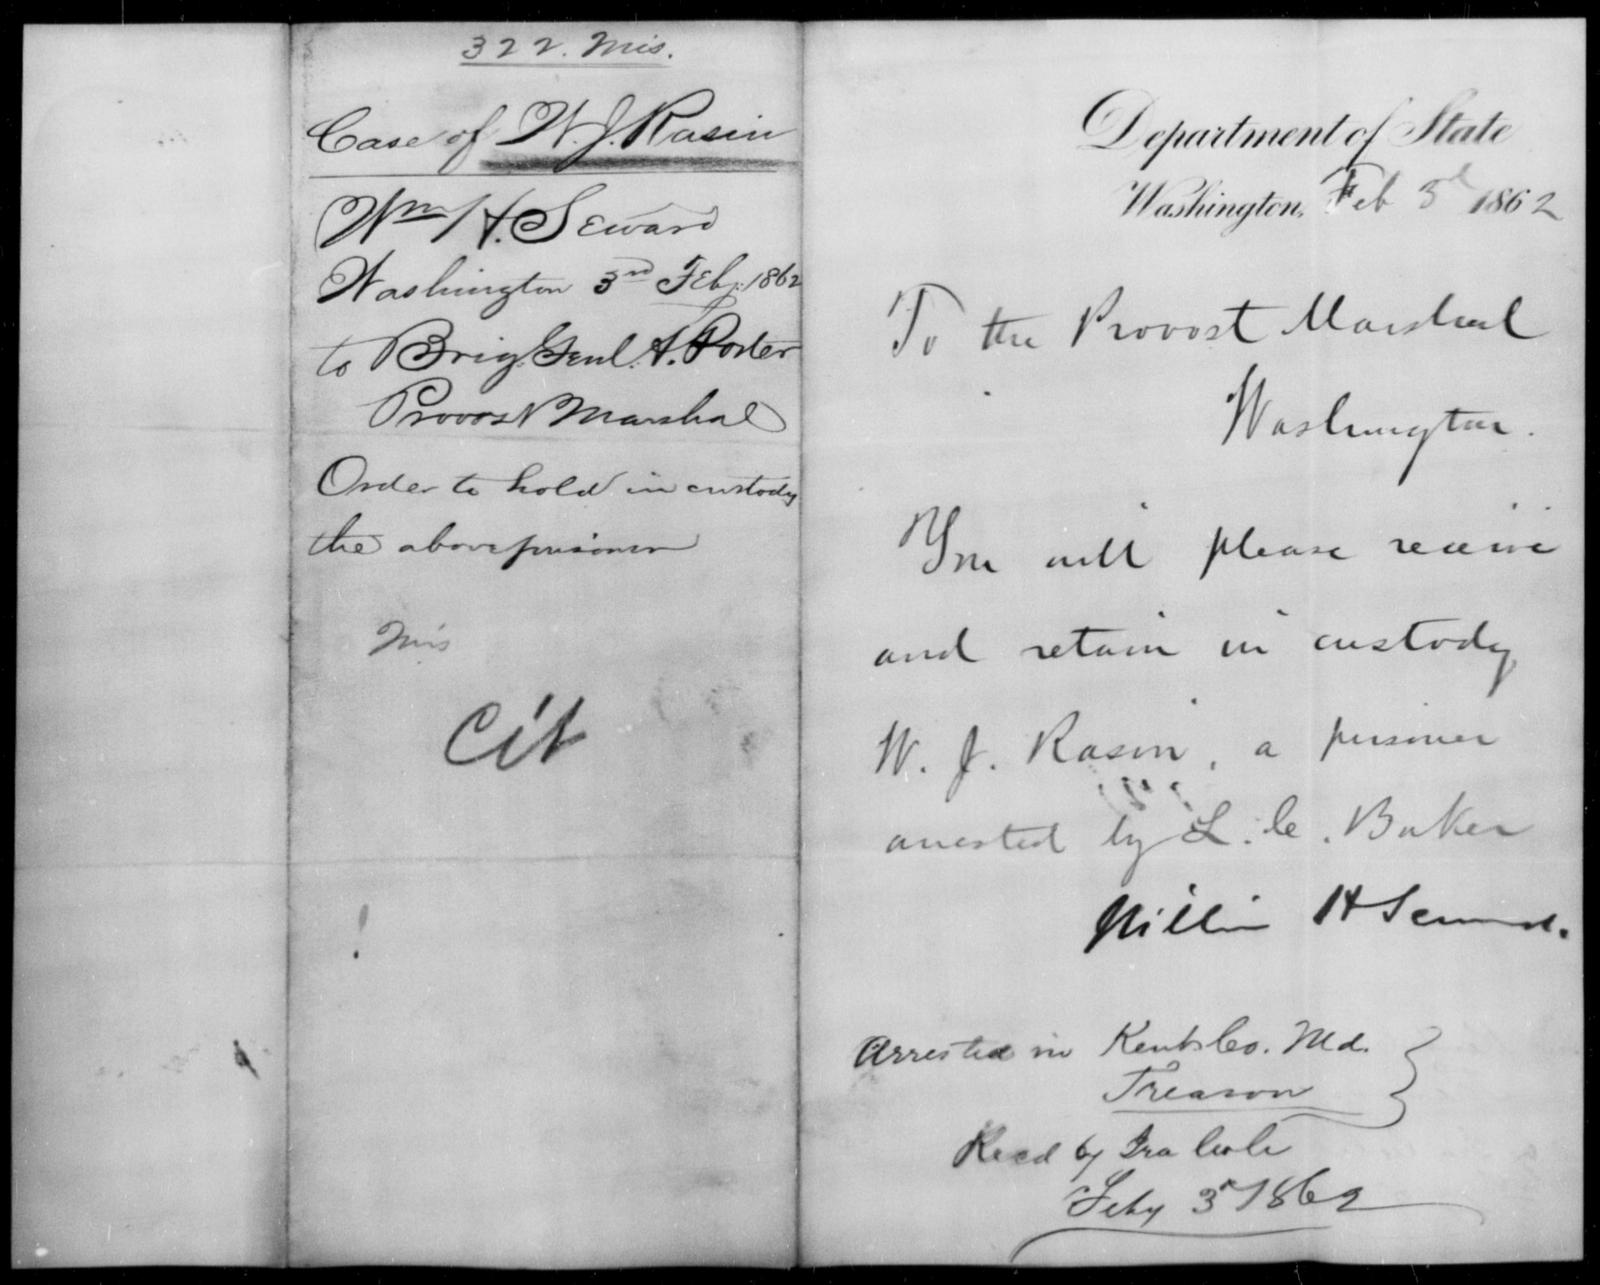 Rasin, W J - State: Washington - Year: 1862